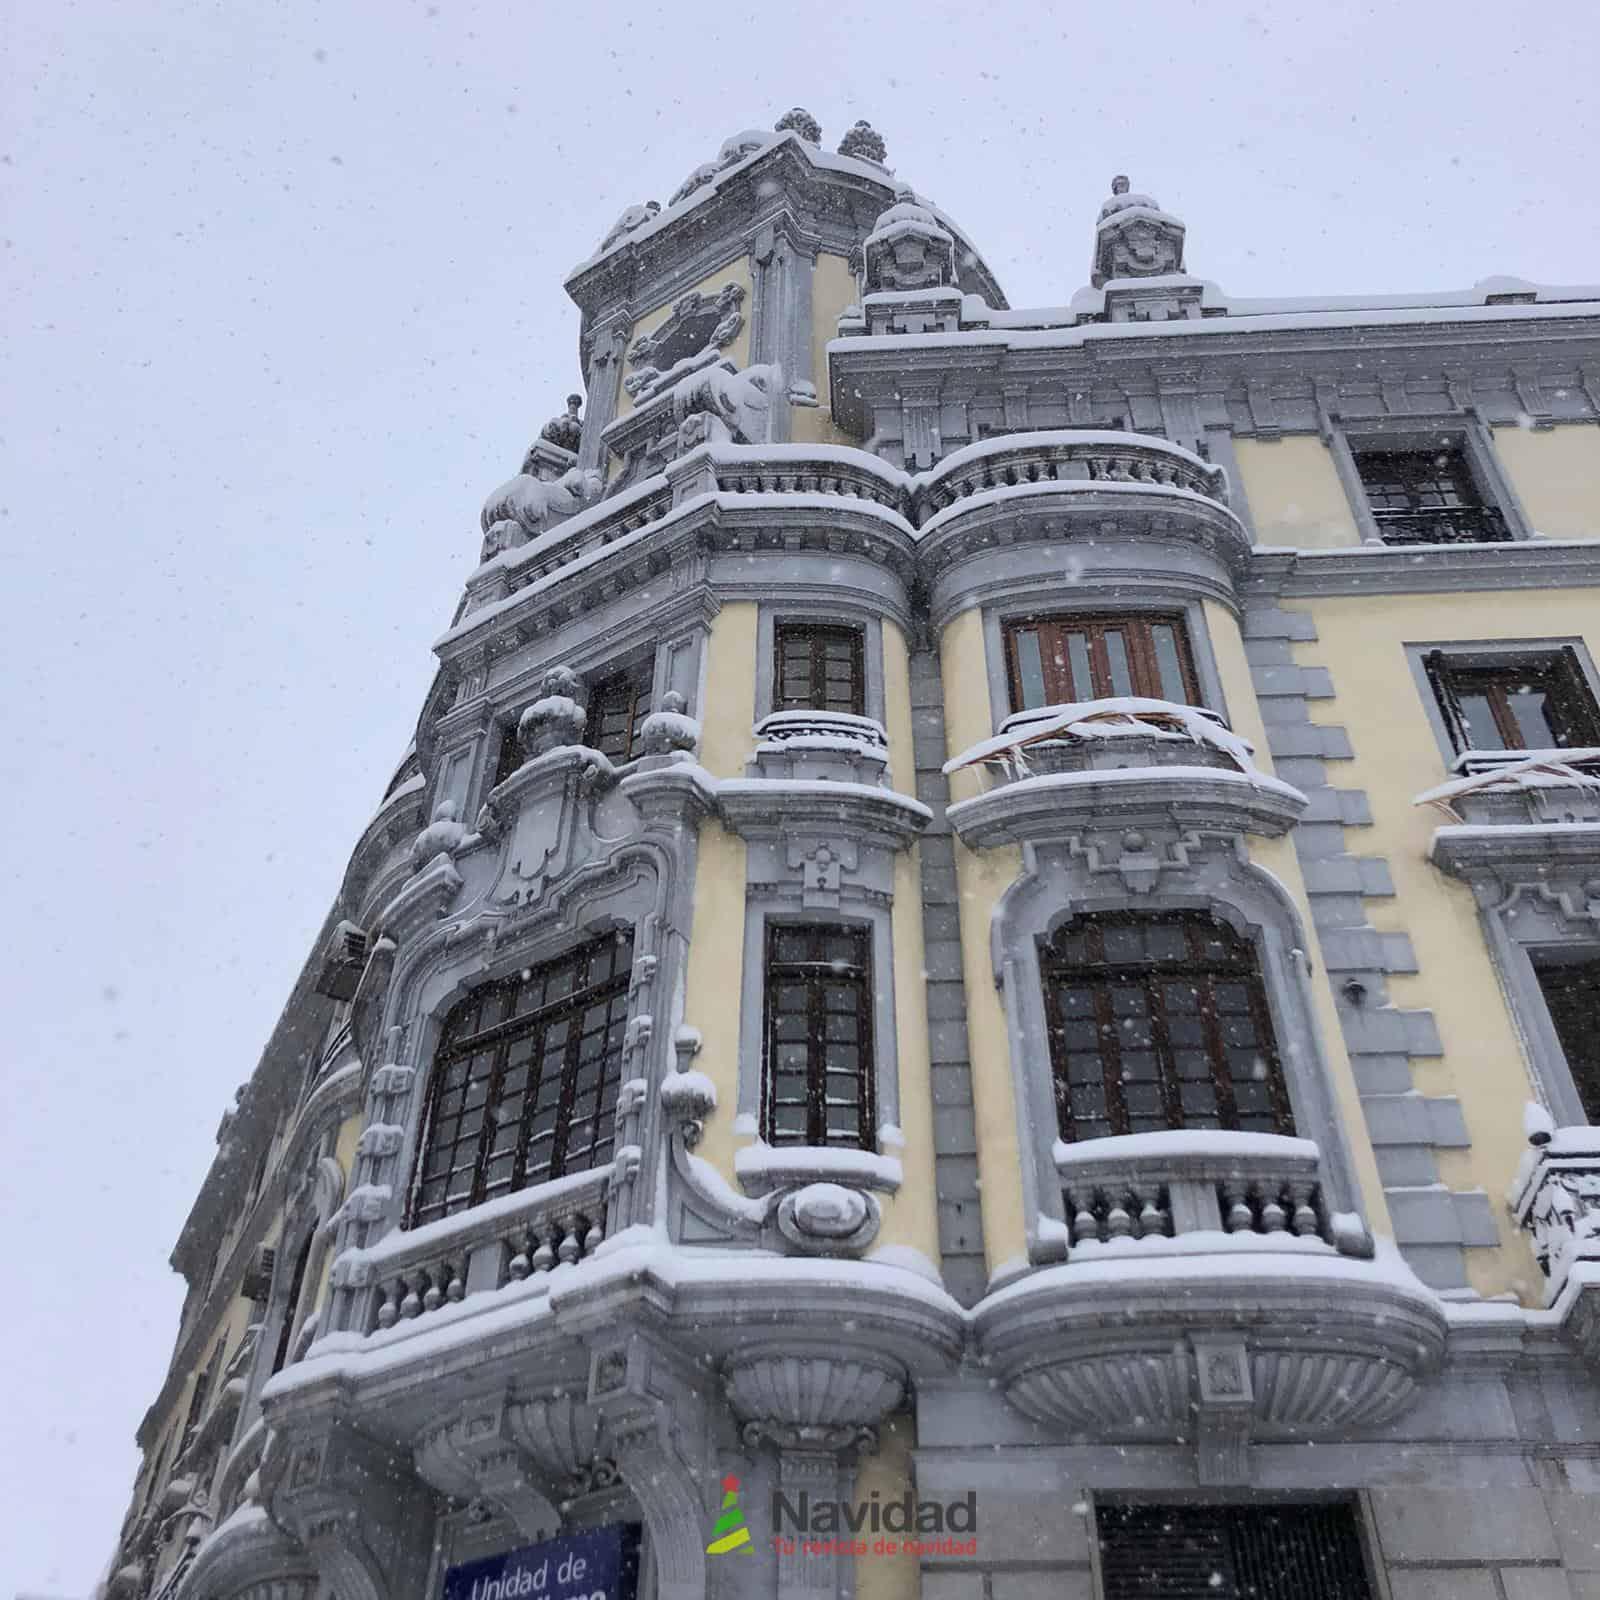 Fotografías de la nevada de enero en Madrid (España) 107